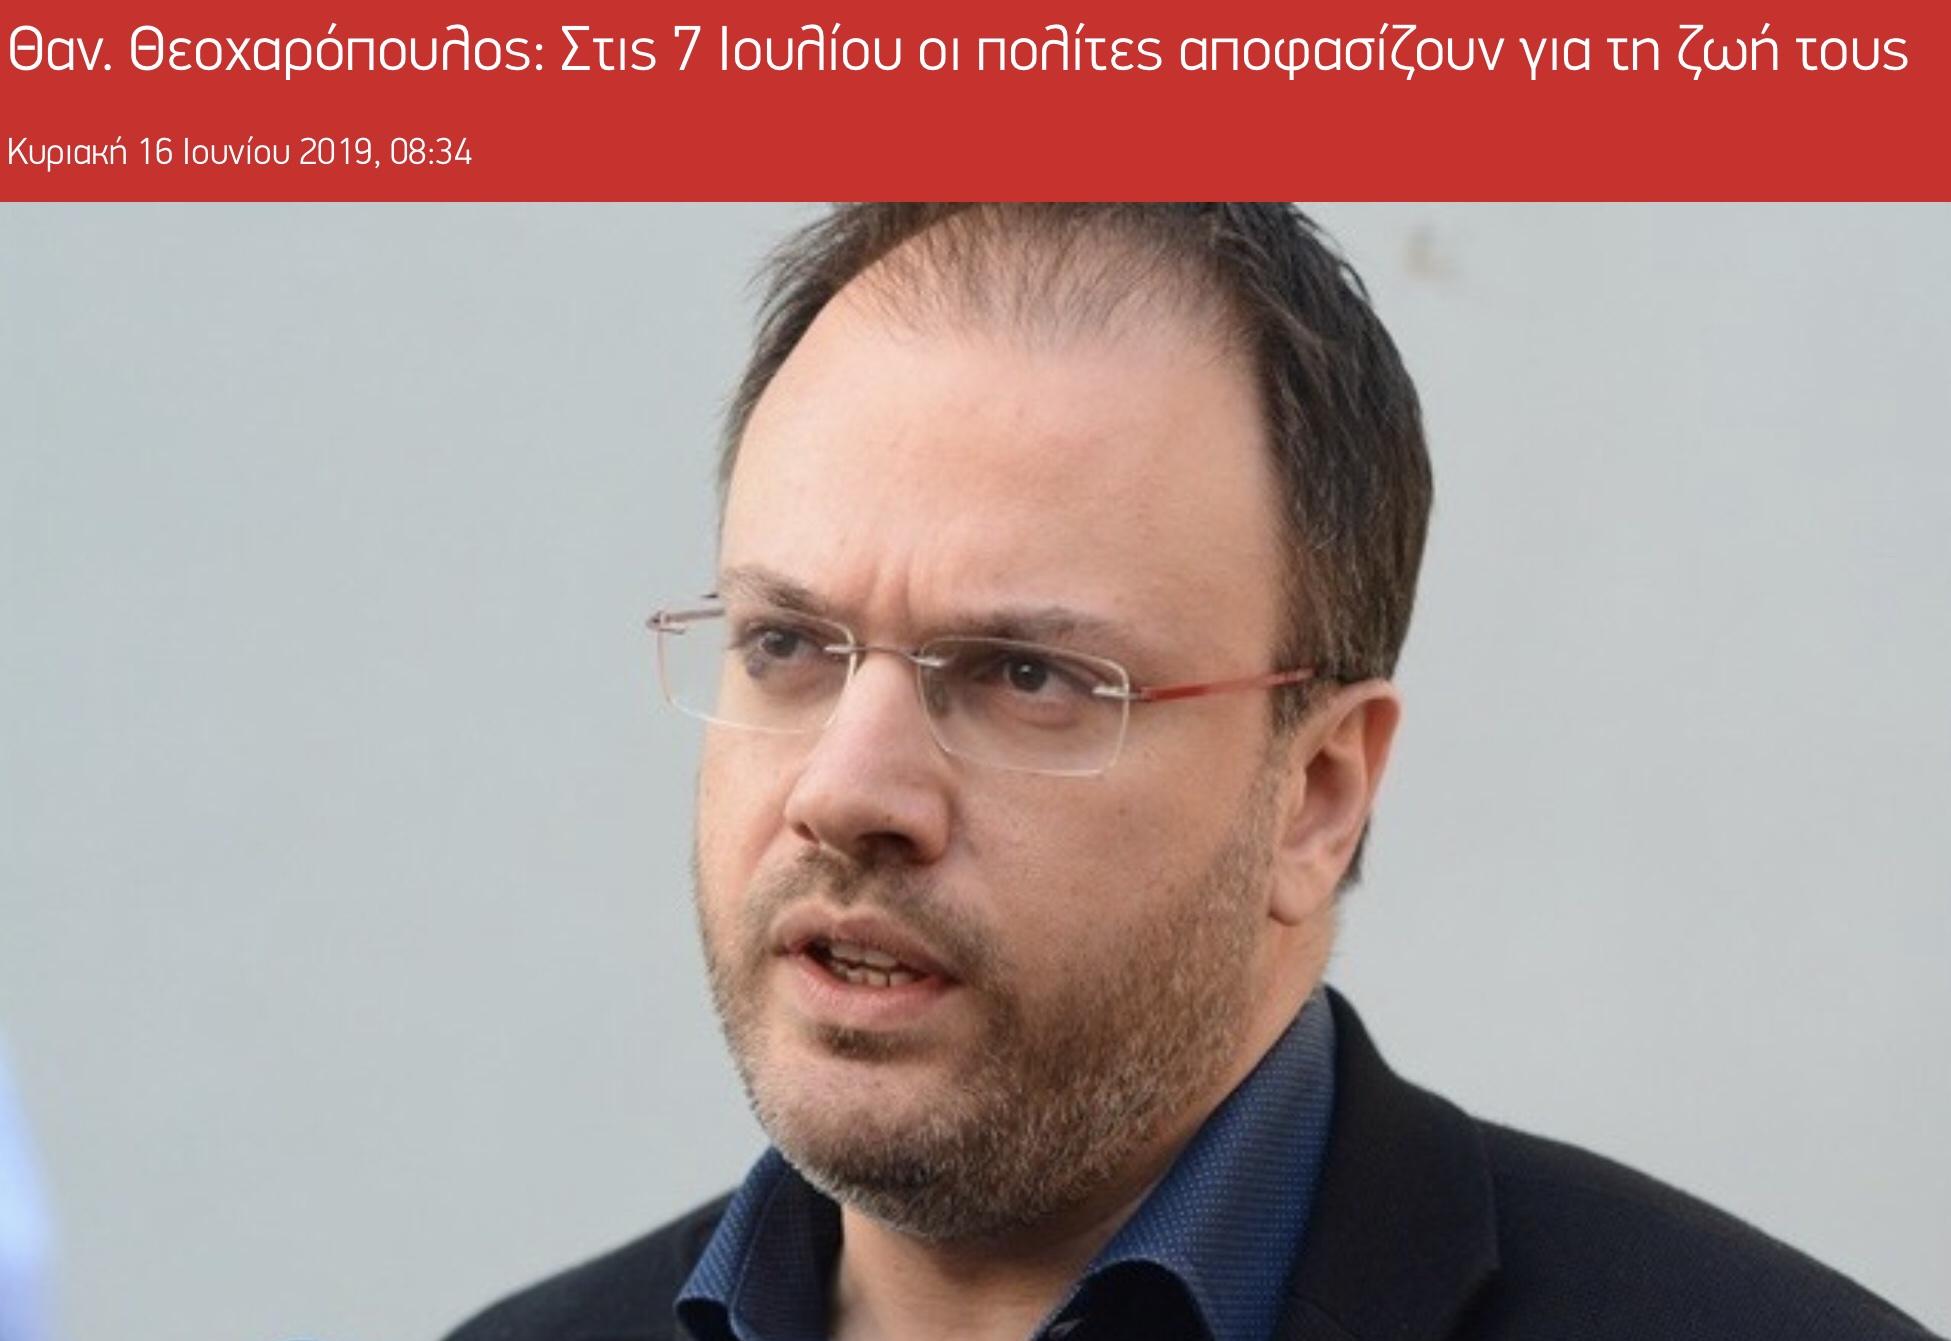 Δάκρυσε η Ελλάδα με το αιφνίδιο δράμα του Θανάση Θεοχαρόπουλου…